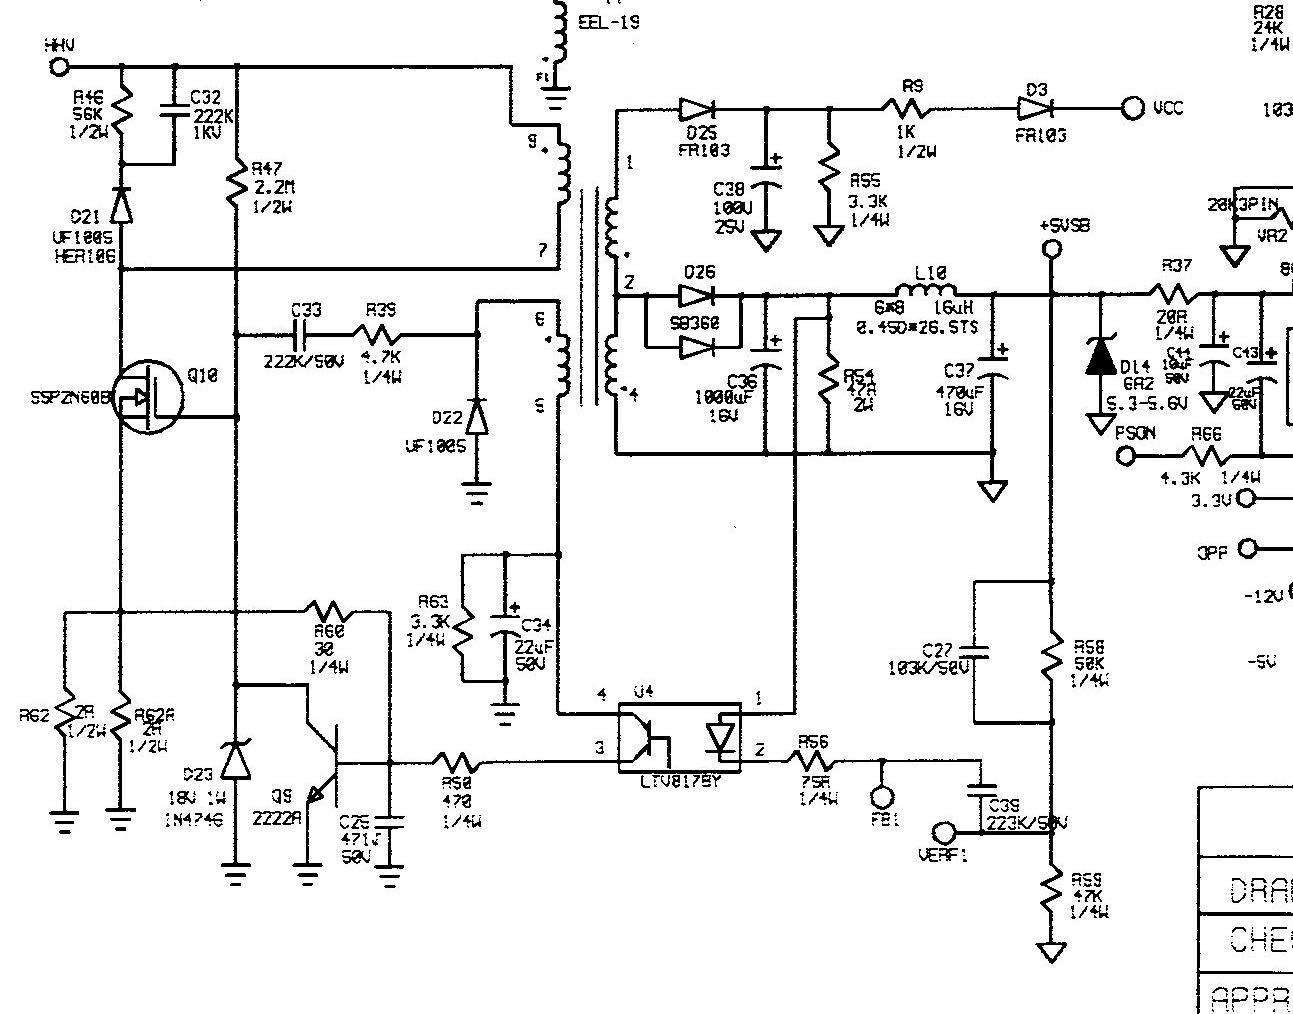 Схема блока питания компьютера iw-p250a2-0